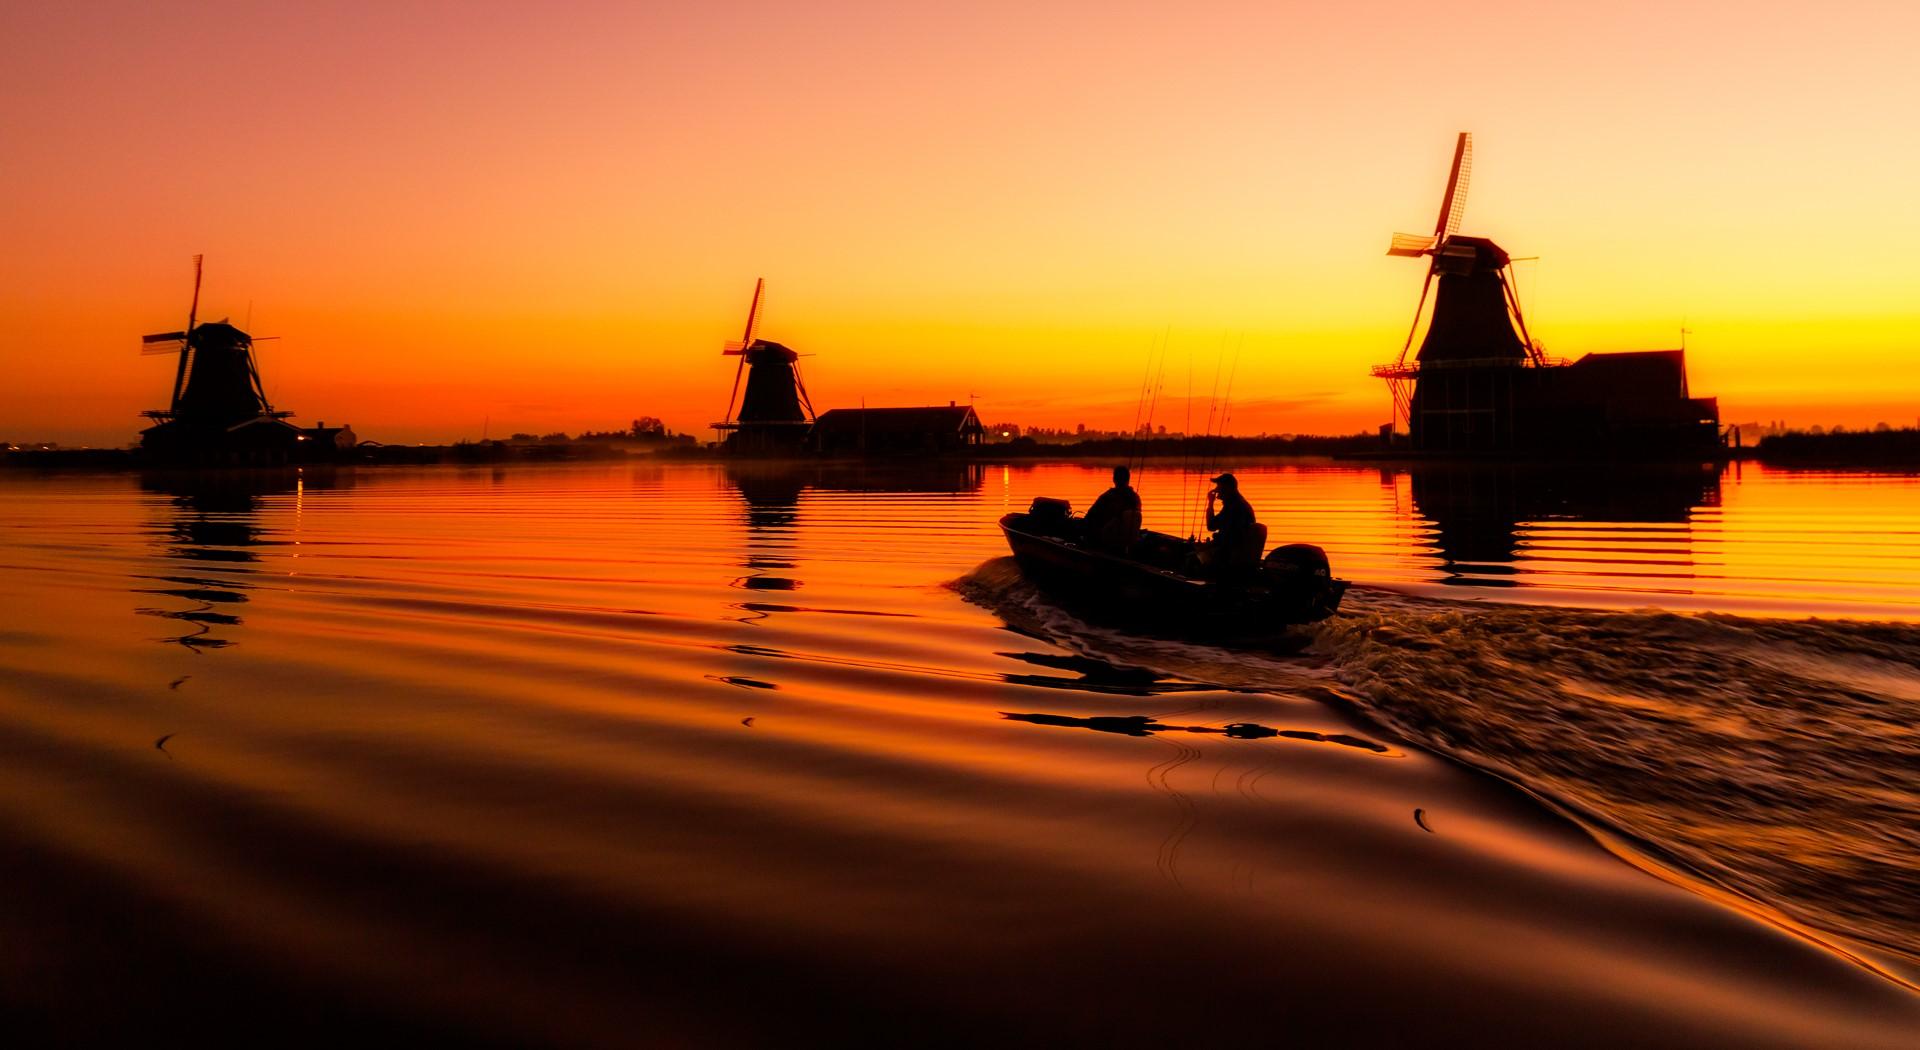 Boat windmills